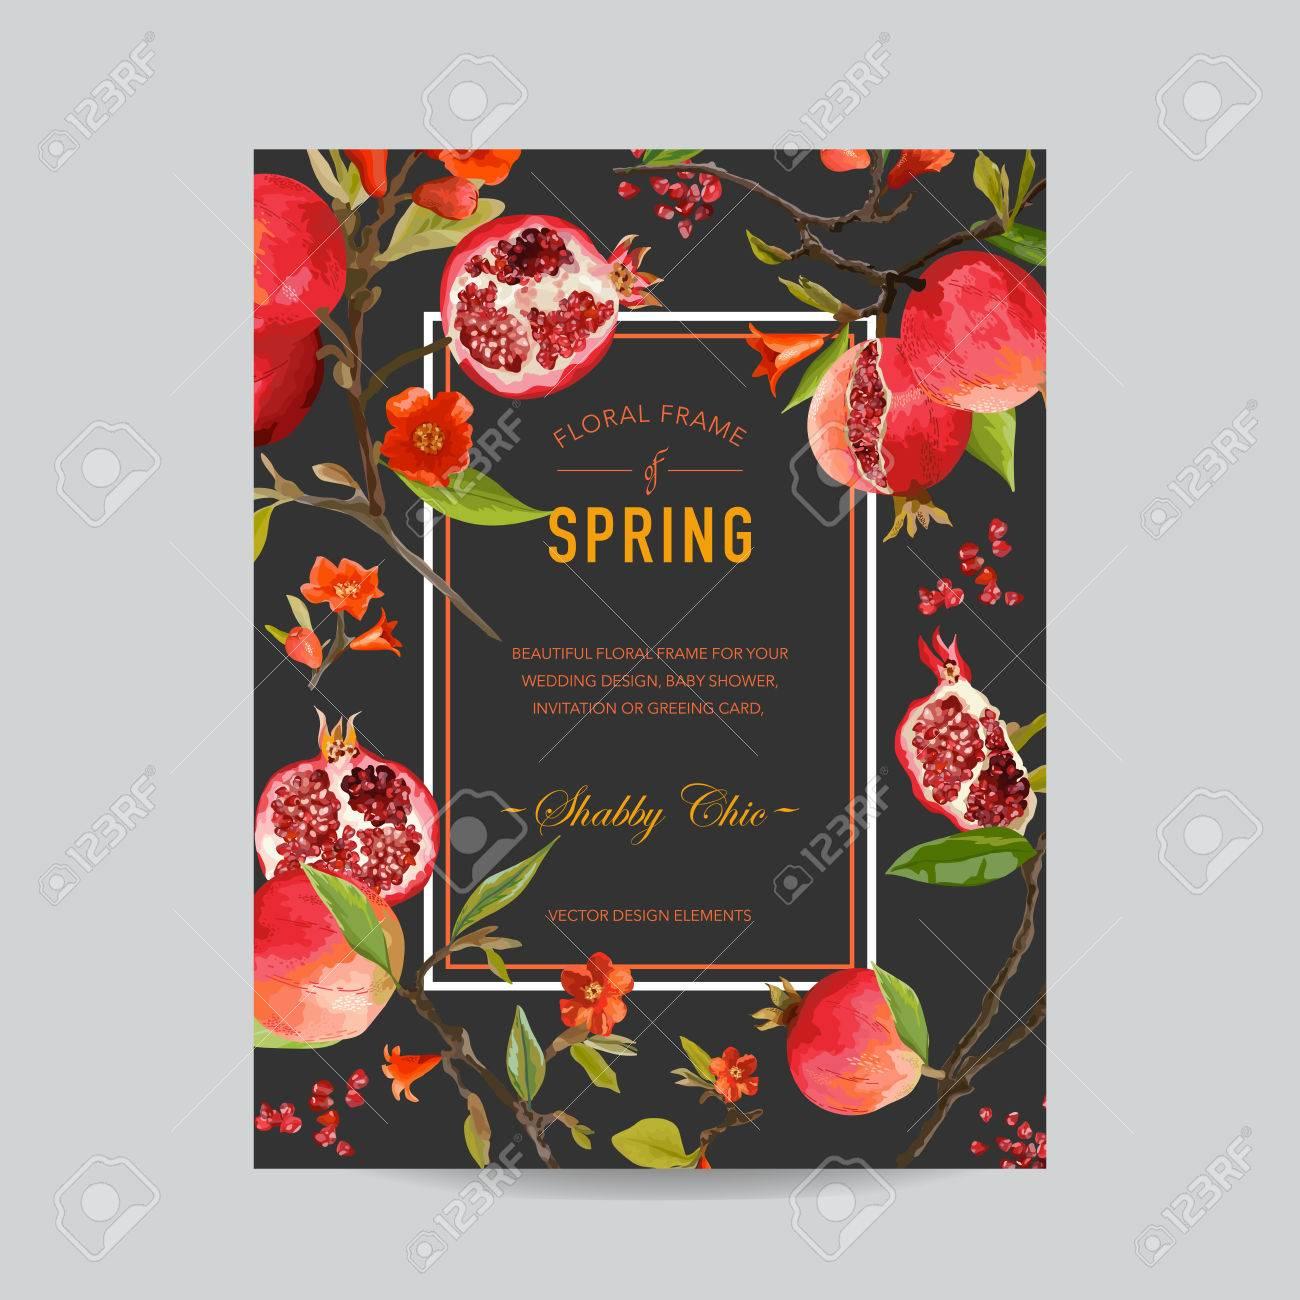 Tropical Granatapfel Und Blumen Bunte Rahmen   Für Einladung, Hochzeit,  Baby Dusche